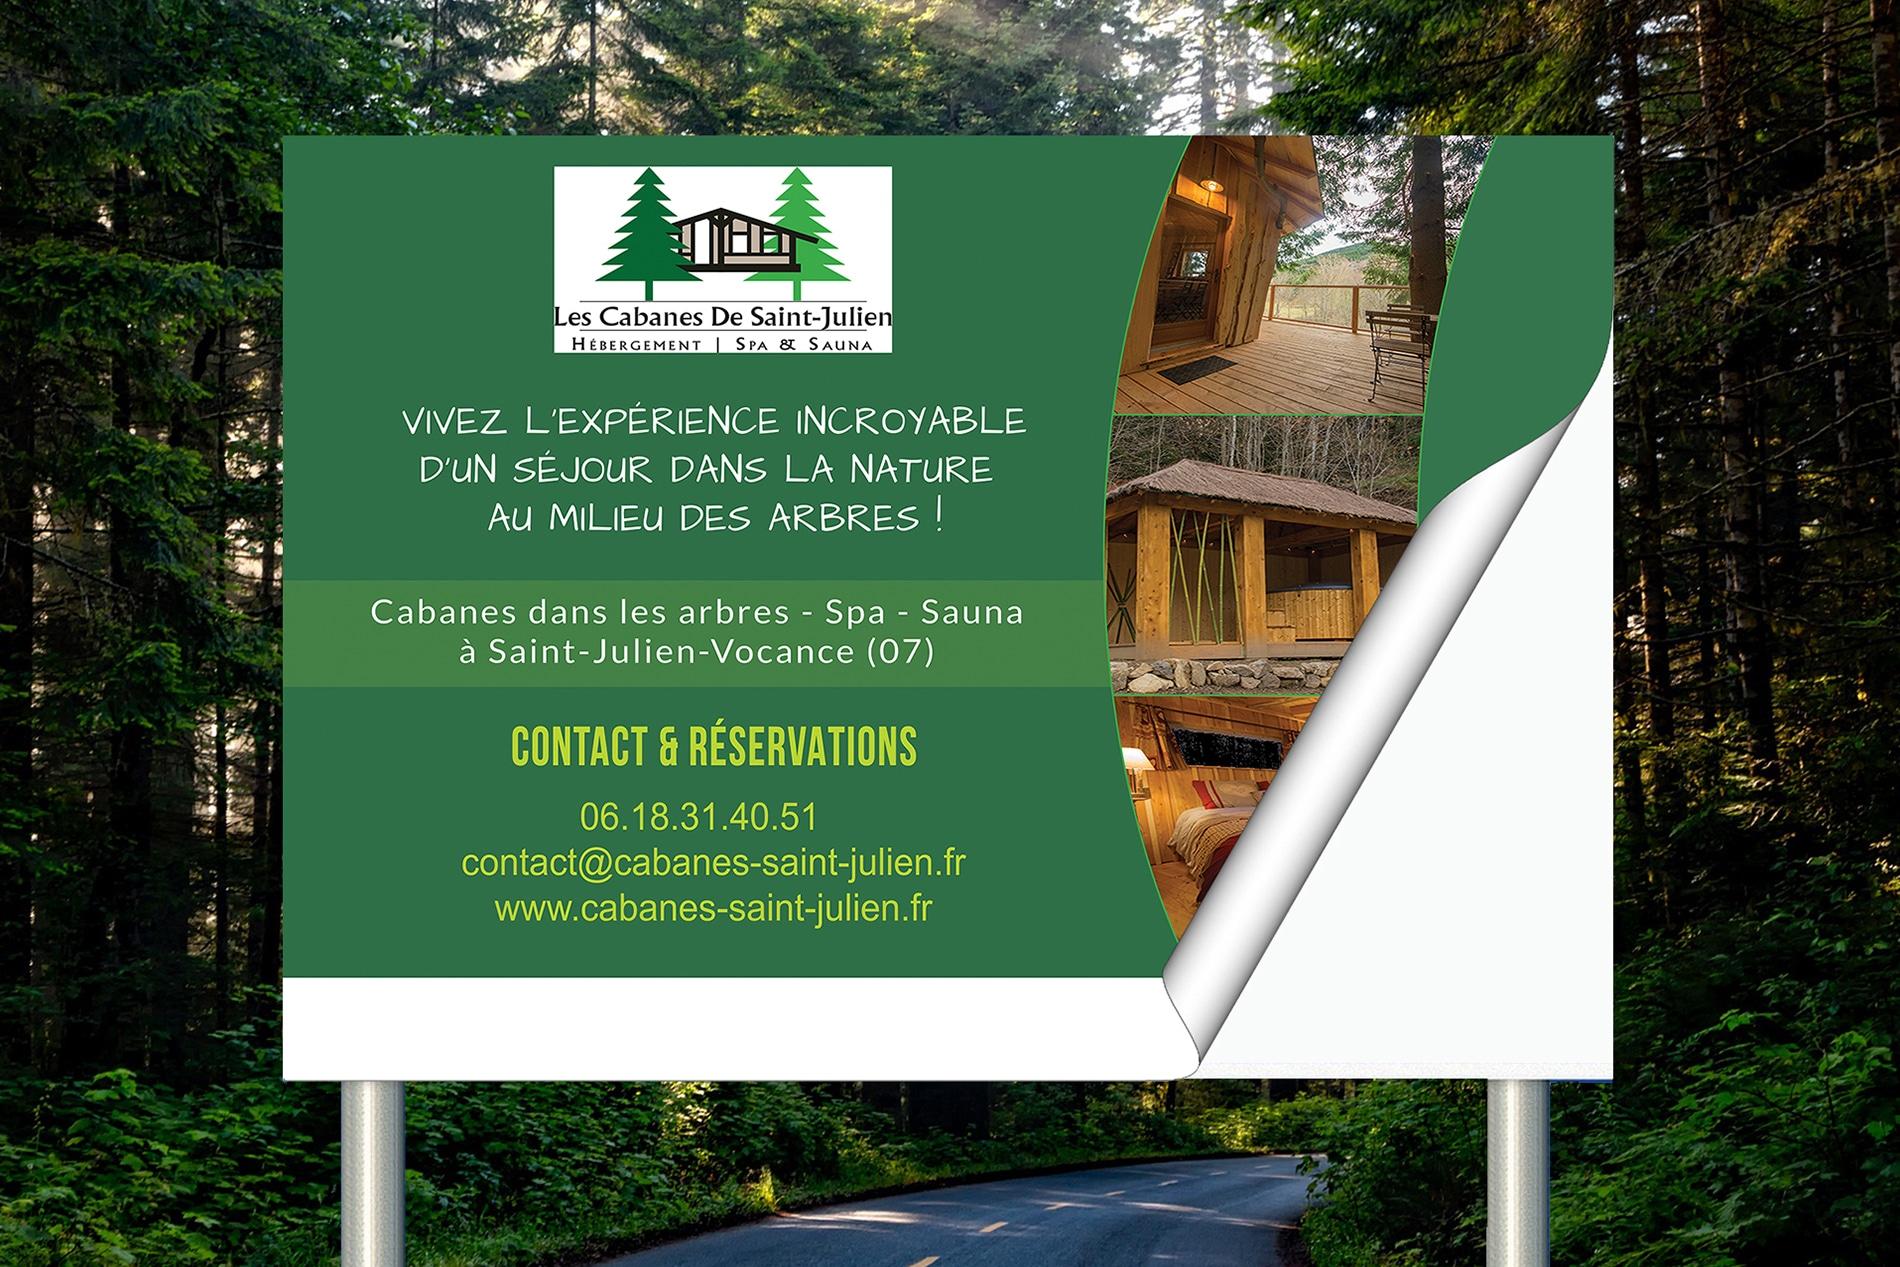 realisation-maquette-stickers-panneaux-cabanes-saint-julien